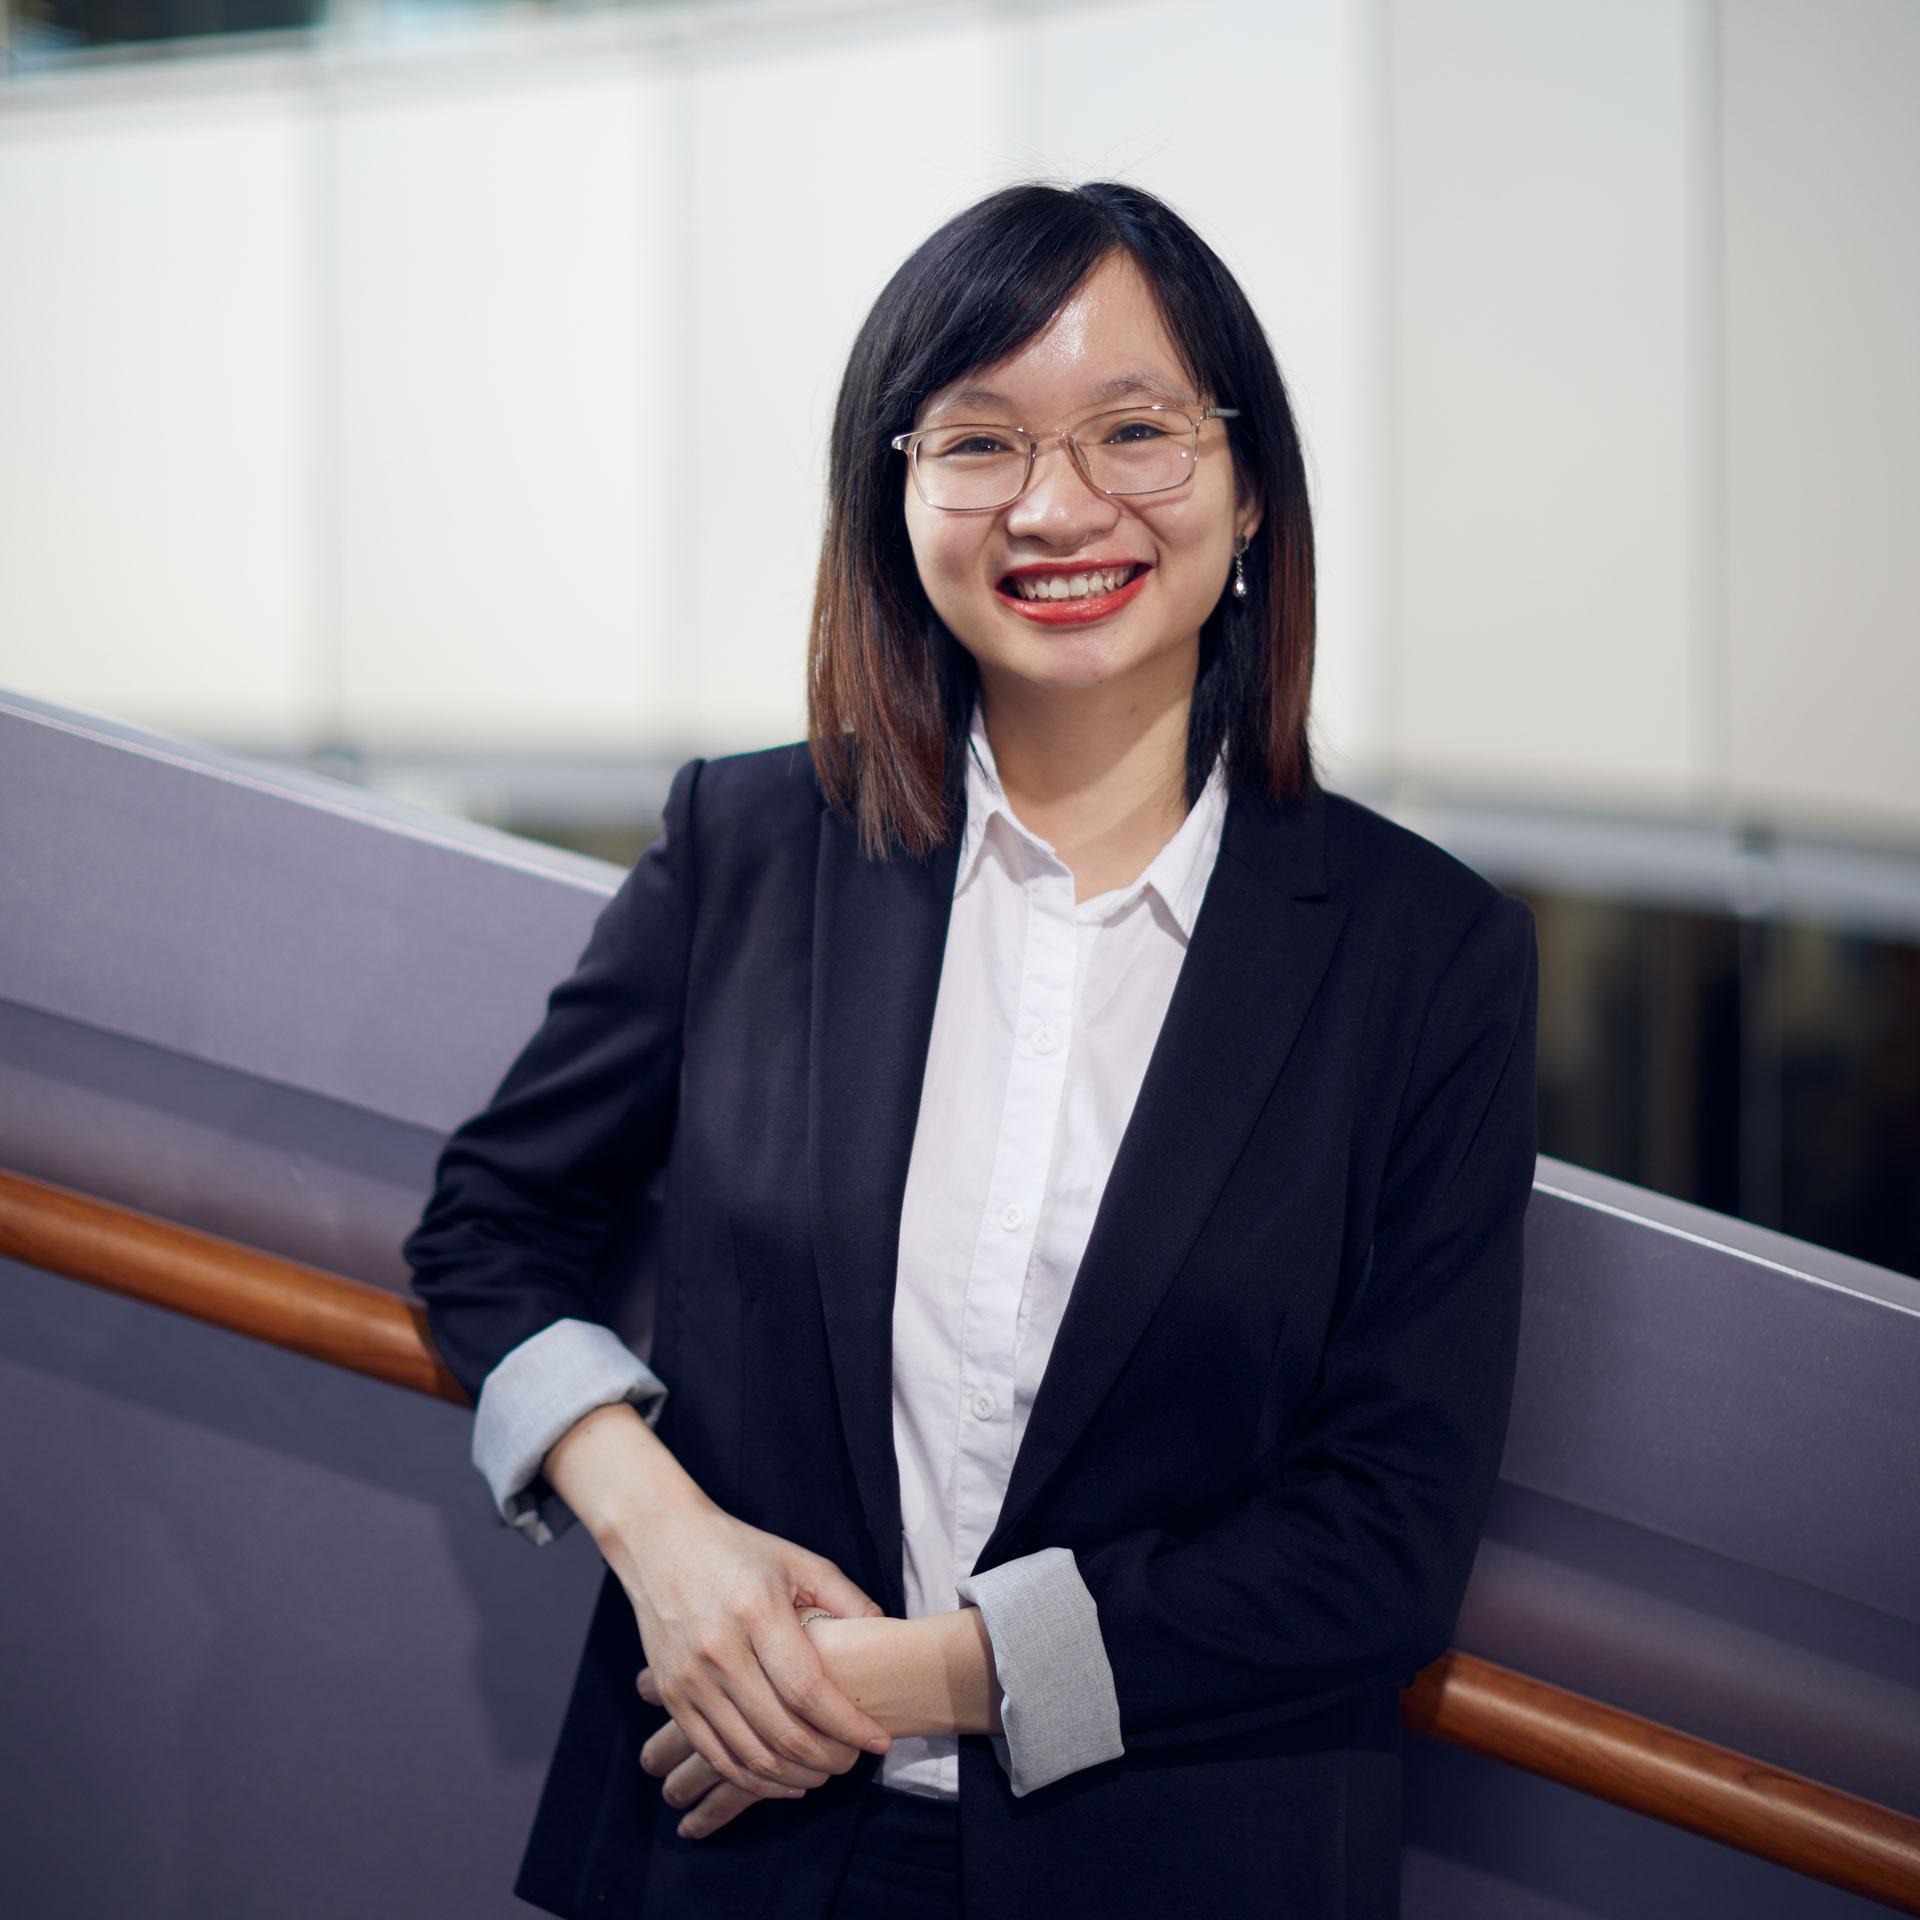 Trần Thị Hồng Vân, sinh năm 1991, Giám đốc Đại diện công ty AvePoint global tại Việt Nam.